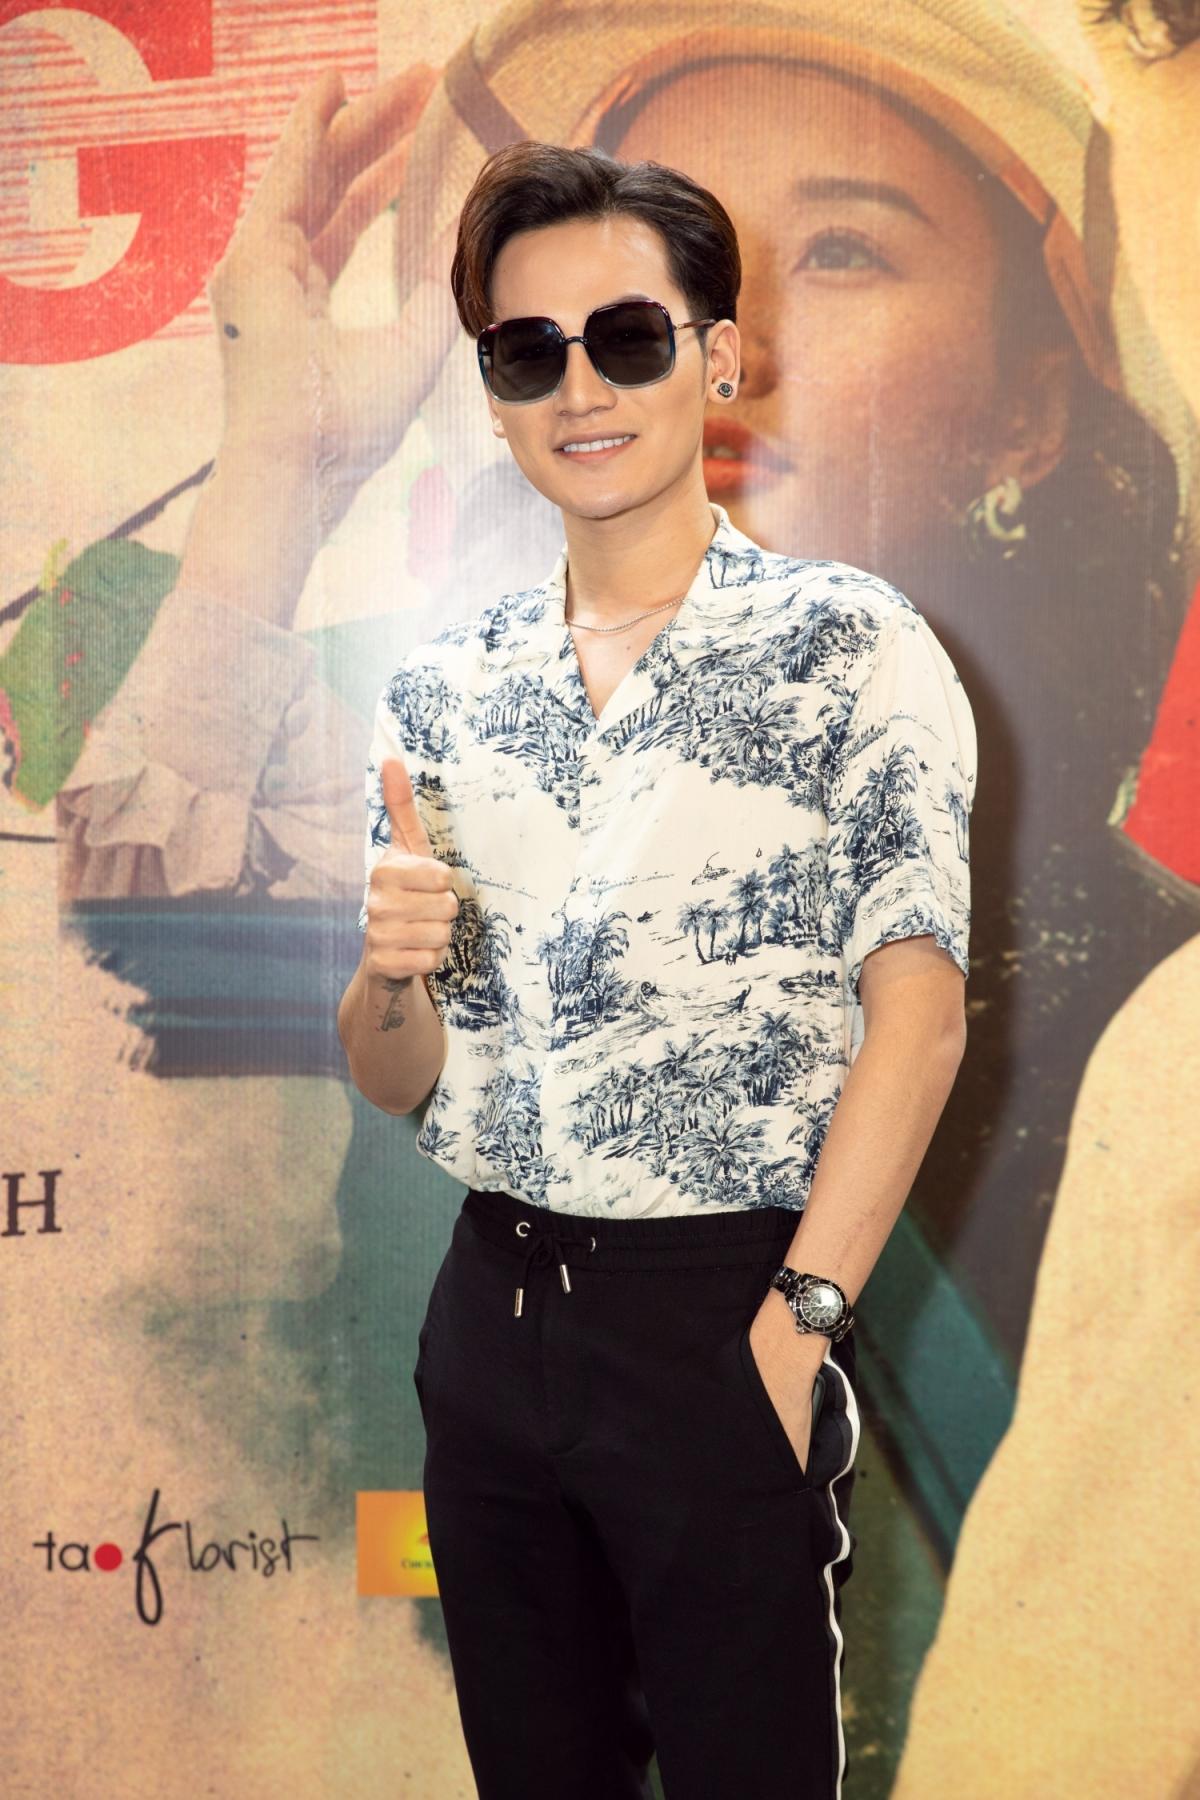 Nam ca sĩ Ali Hoàng Dương lại bày tỏ mong muốn sản phẩm mới của Hiền Hồ sẽ lọt Top Trending vì rất nể tâm huyết của ê-kíp. Ali Hoàng Dương cũng chia sẻ, anh rất choáng ngợp trước sự đầu tư về kịch bản, hình ảnh, quá trình sản xuất của dự án.